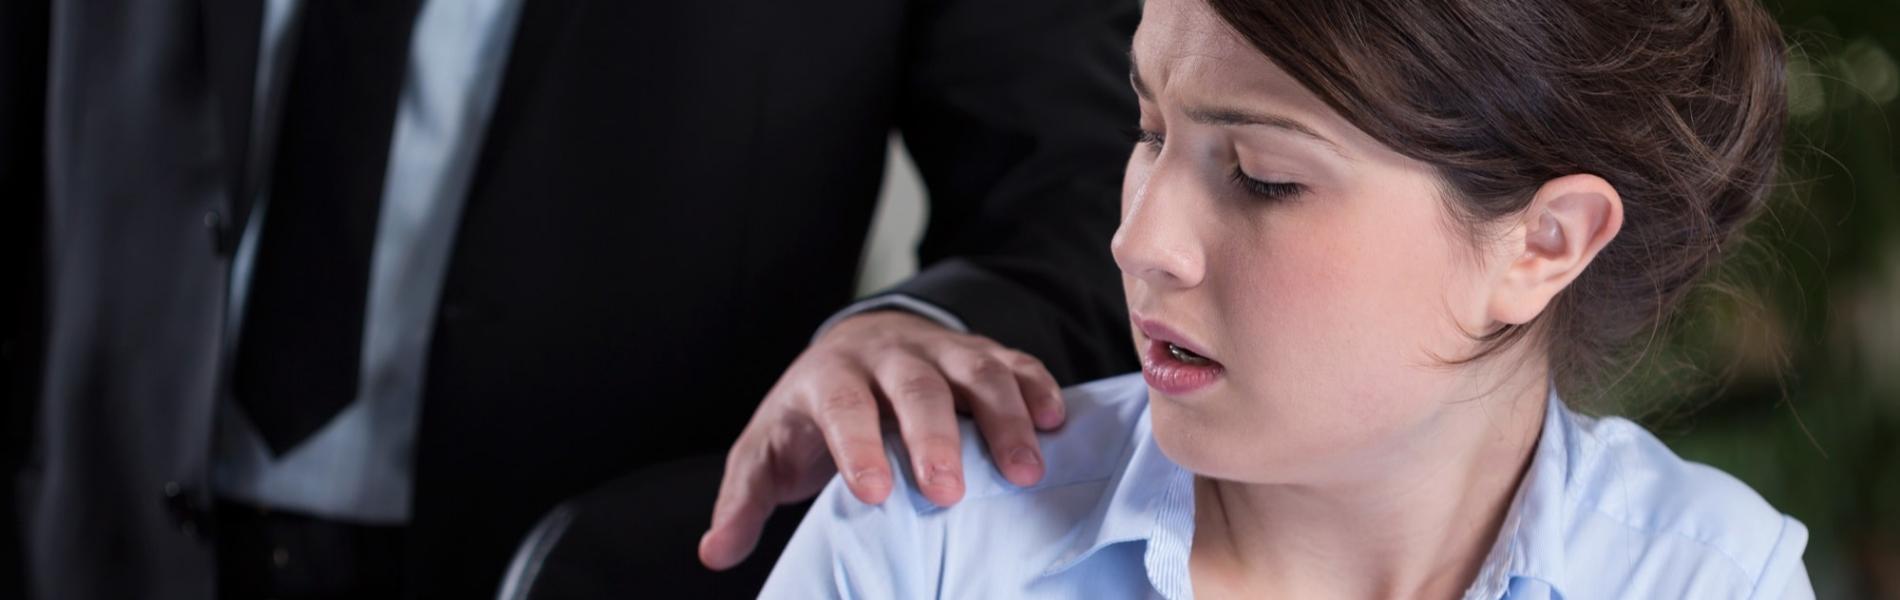 מה אפשר לעשות אם מטרידים אותי מינית במקום העבודה?